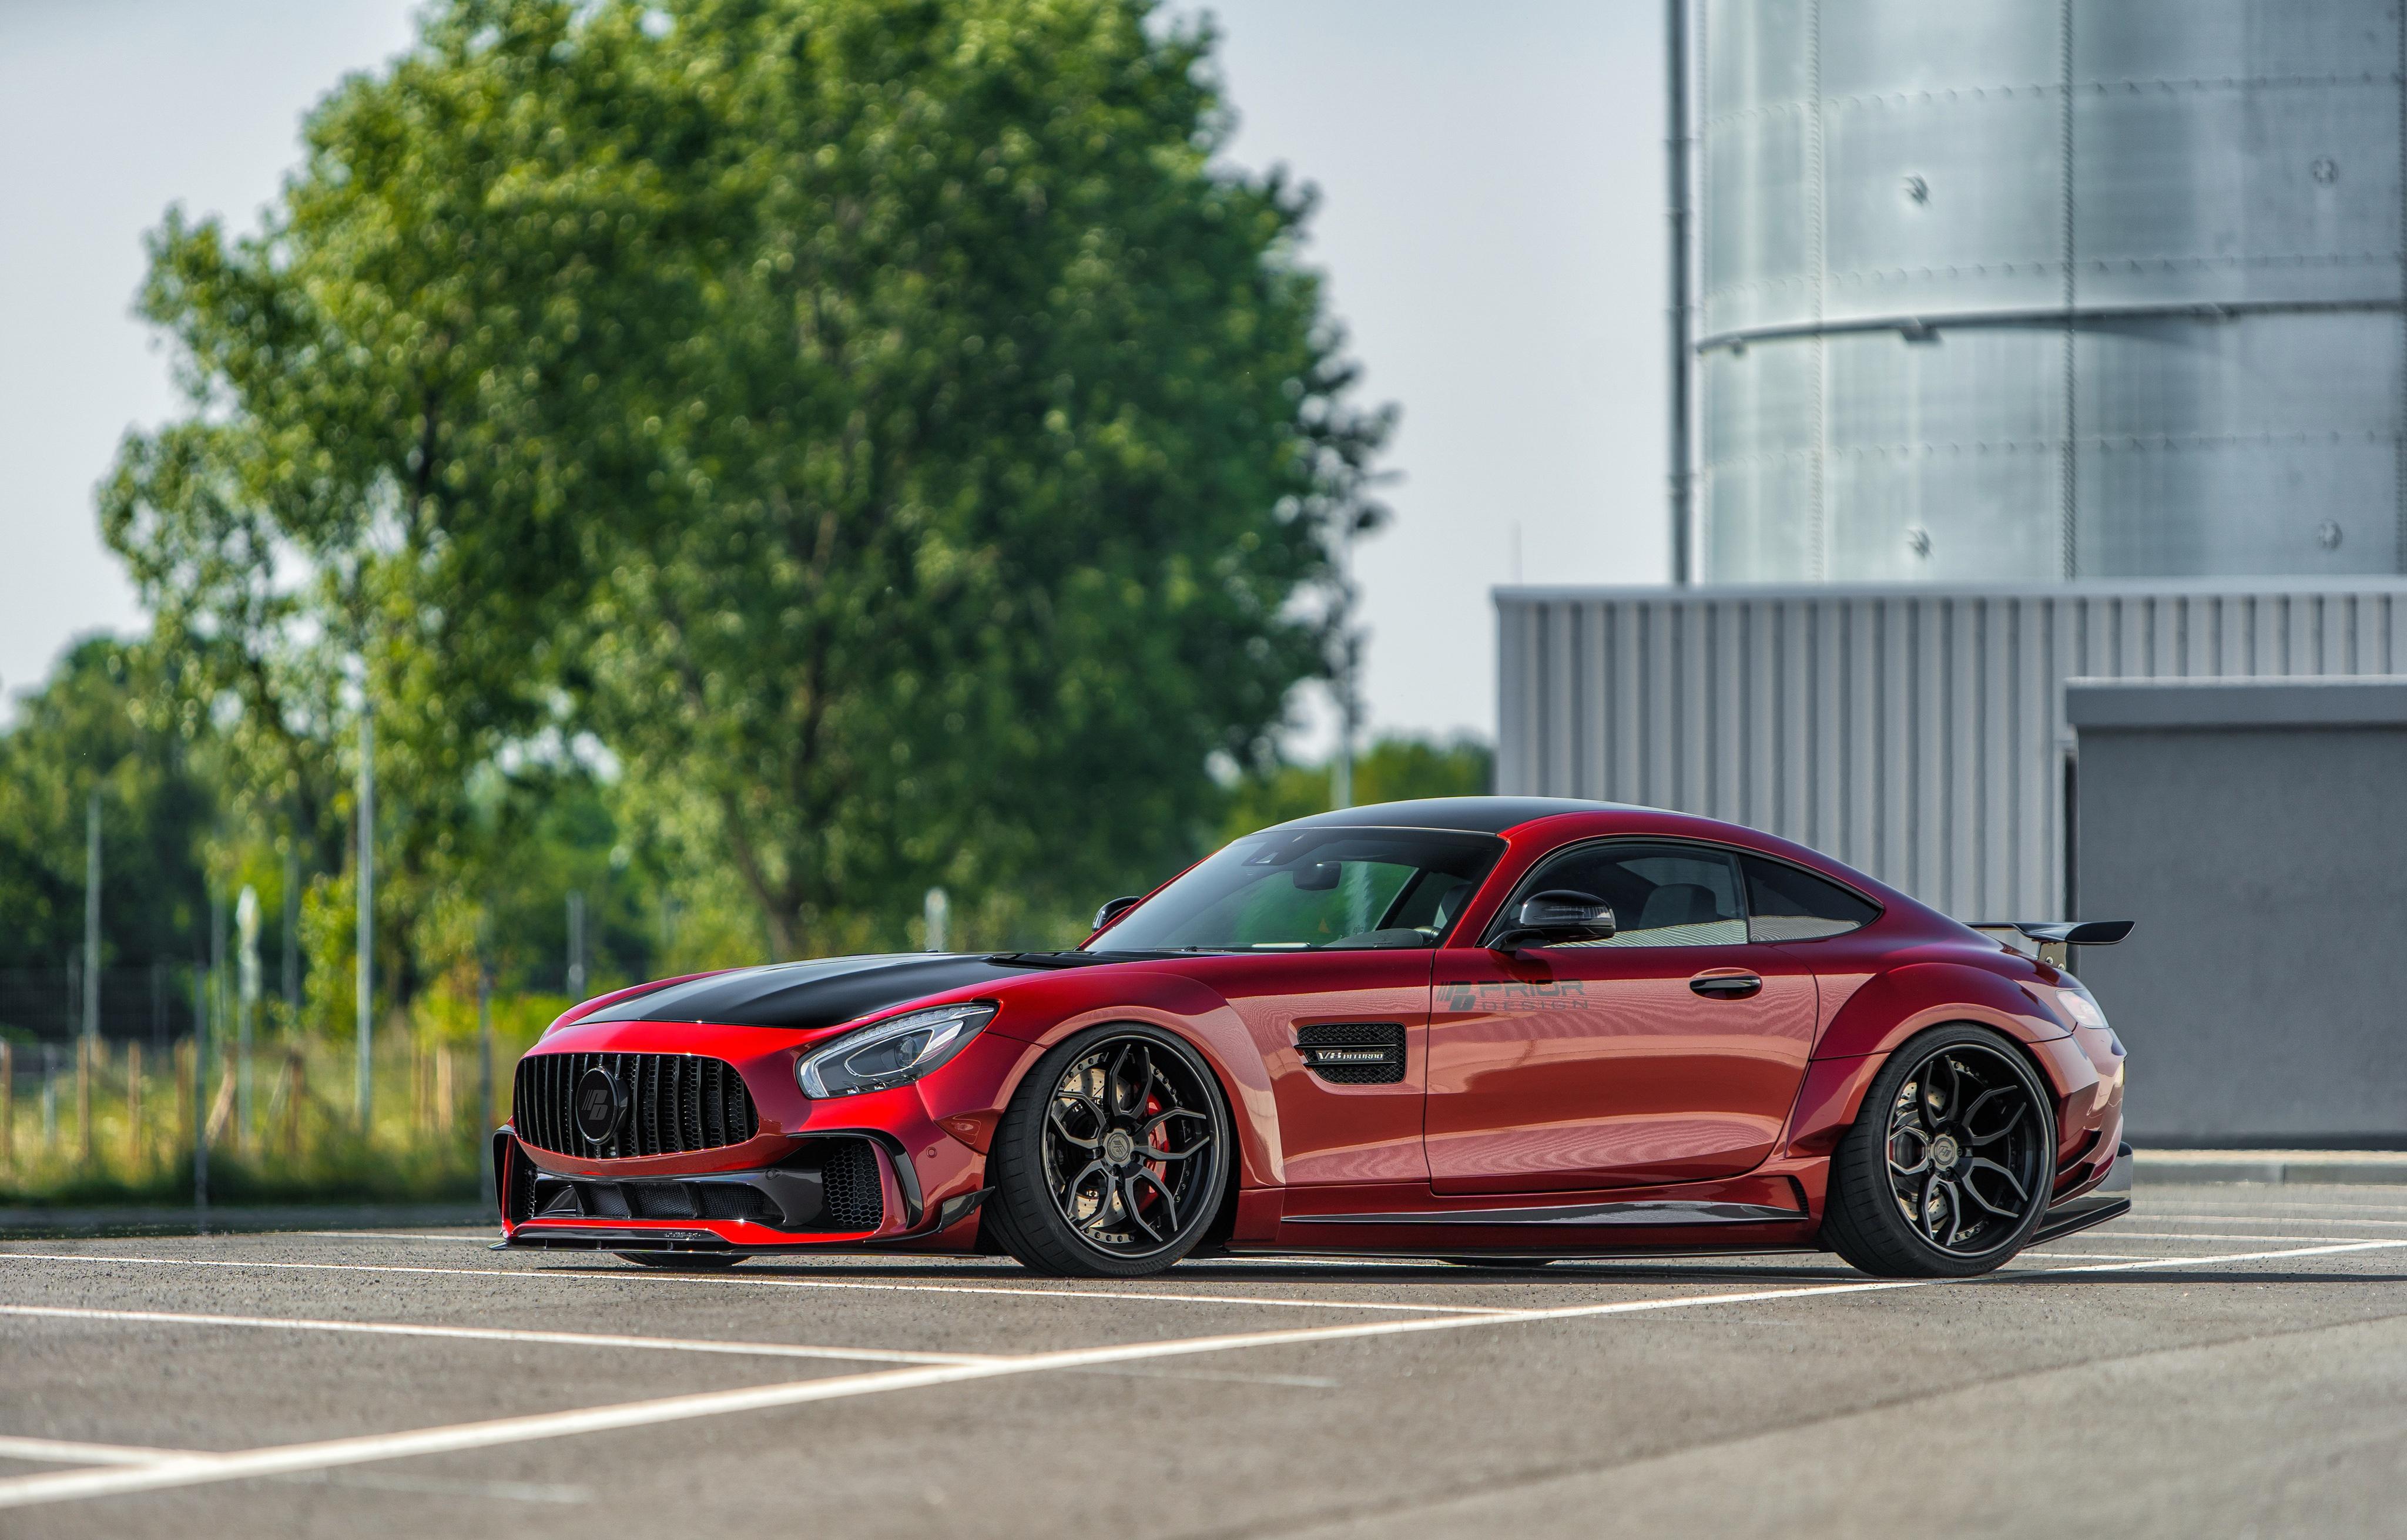 Фотографии Мерседес бенц AMG GT красных Сбоку машины Металлик Mercedes-Benz красная красные Красный авто машина Автомобили автомобиль